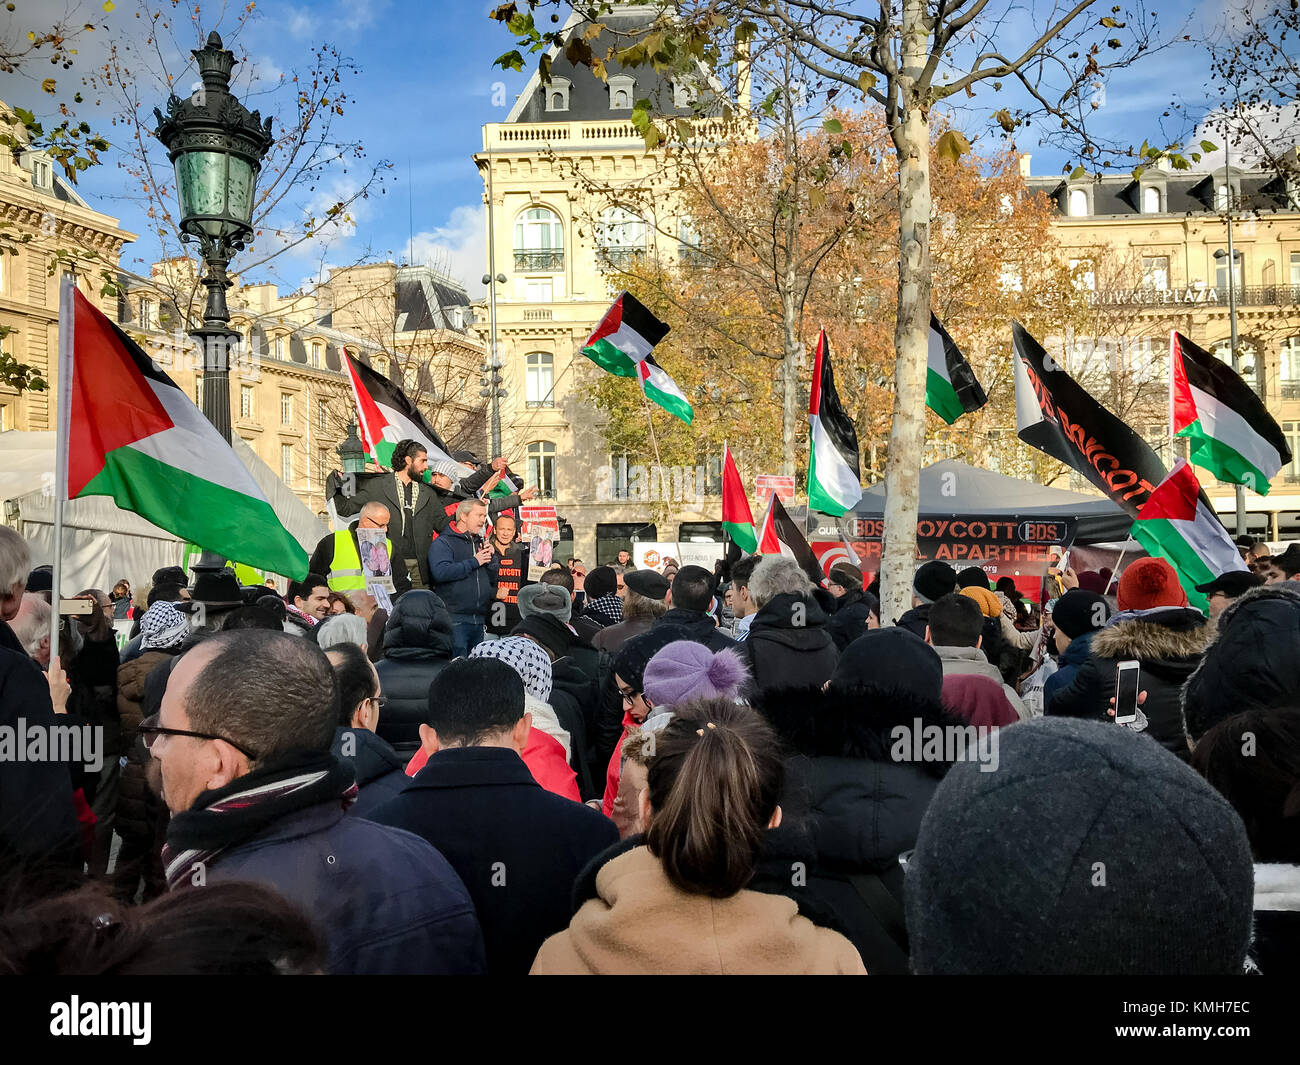 Paris, France. 09th Dec, 2017. 2017, December 9th - Paris, France: People gathered at Place de la République - Stock Image